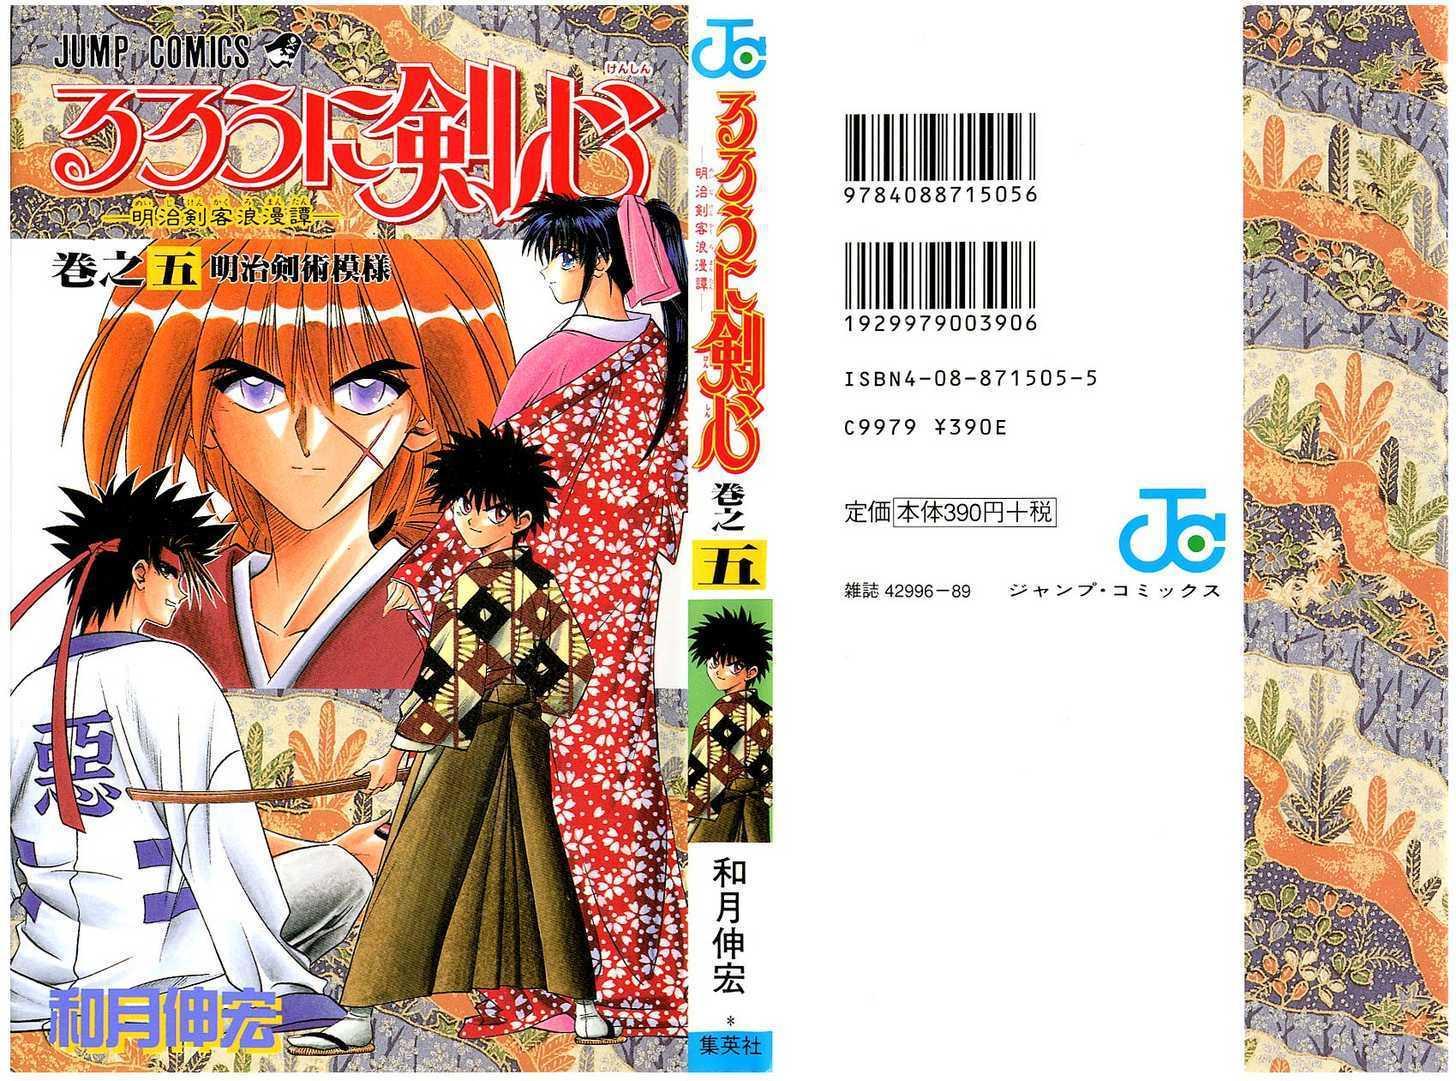 Rurouni Kenshin 31 Page 1